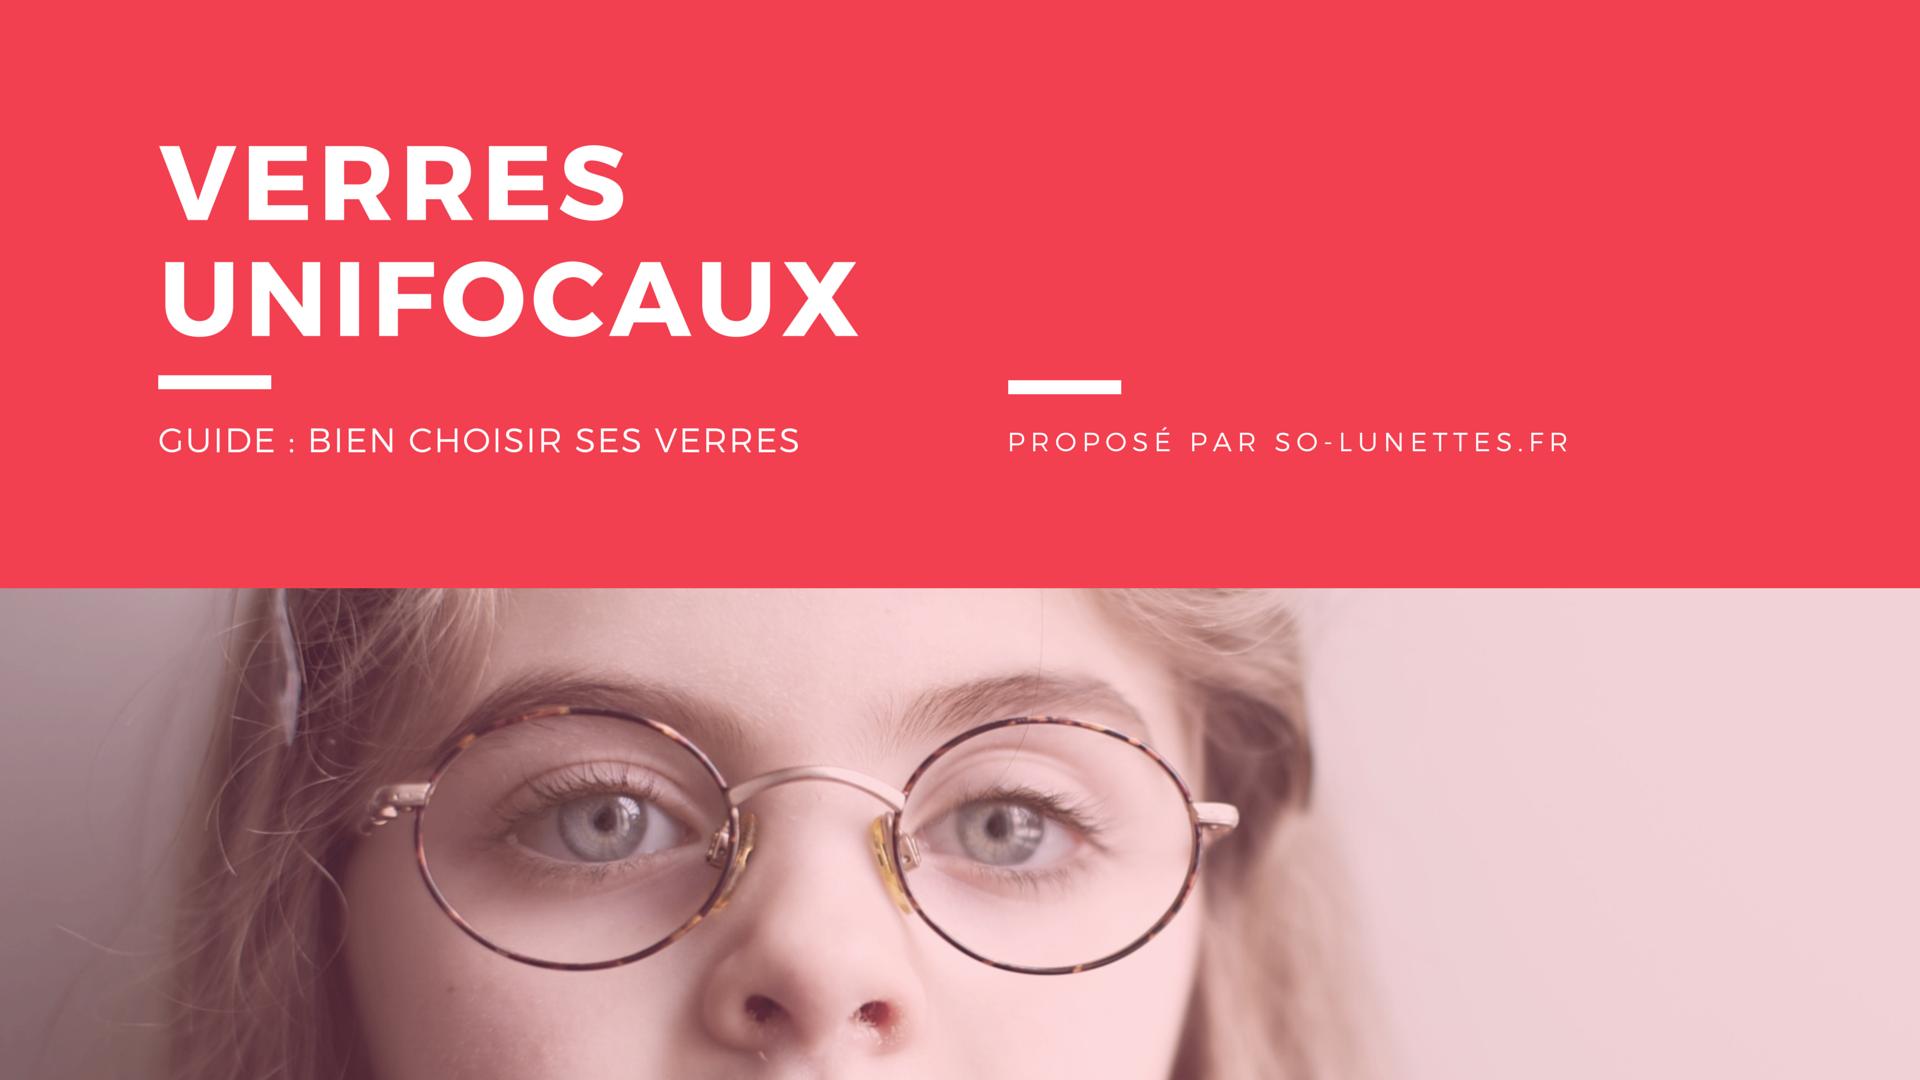 bd6fc3a334 Guide : choisir ses verres unifocaux - So-Lunettes